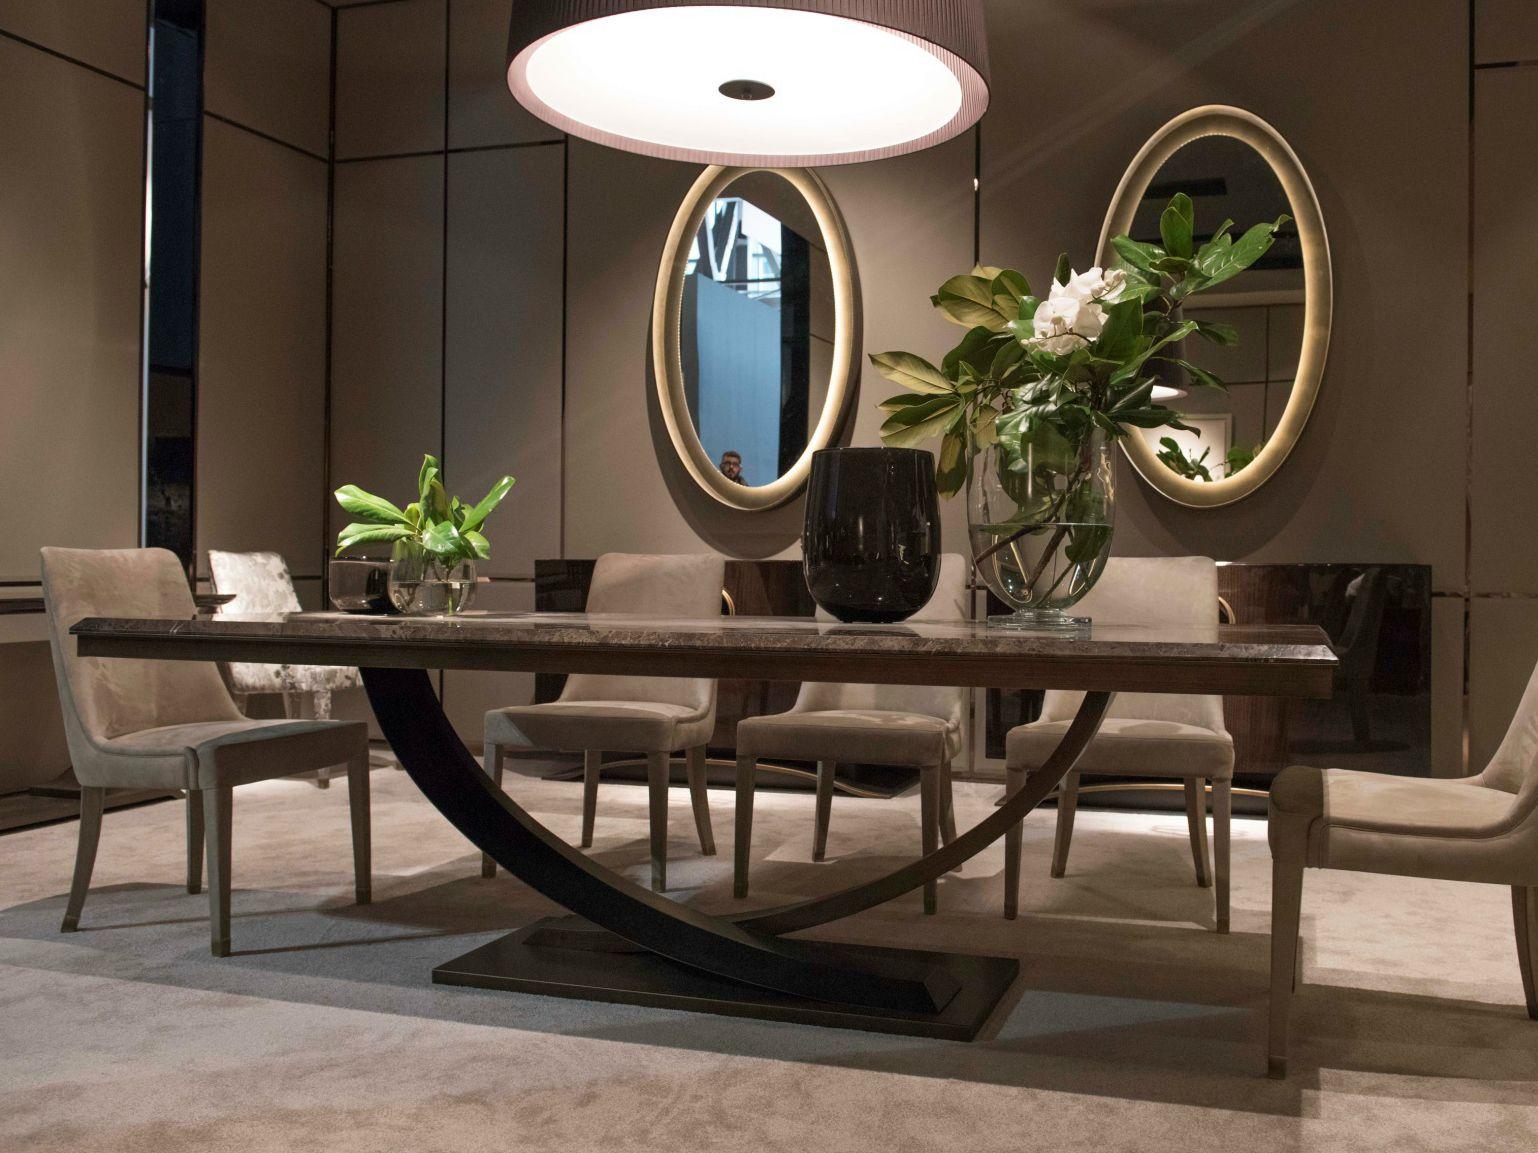 Illuminazione Su Tavolo Da Pranzo: Su illuminazione della sala da pranzo.